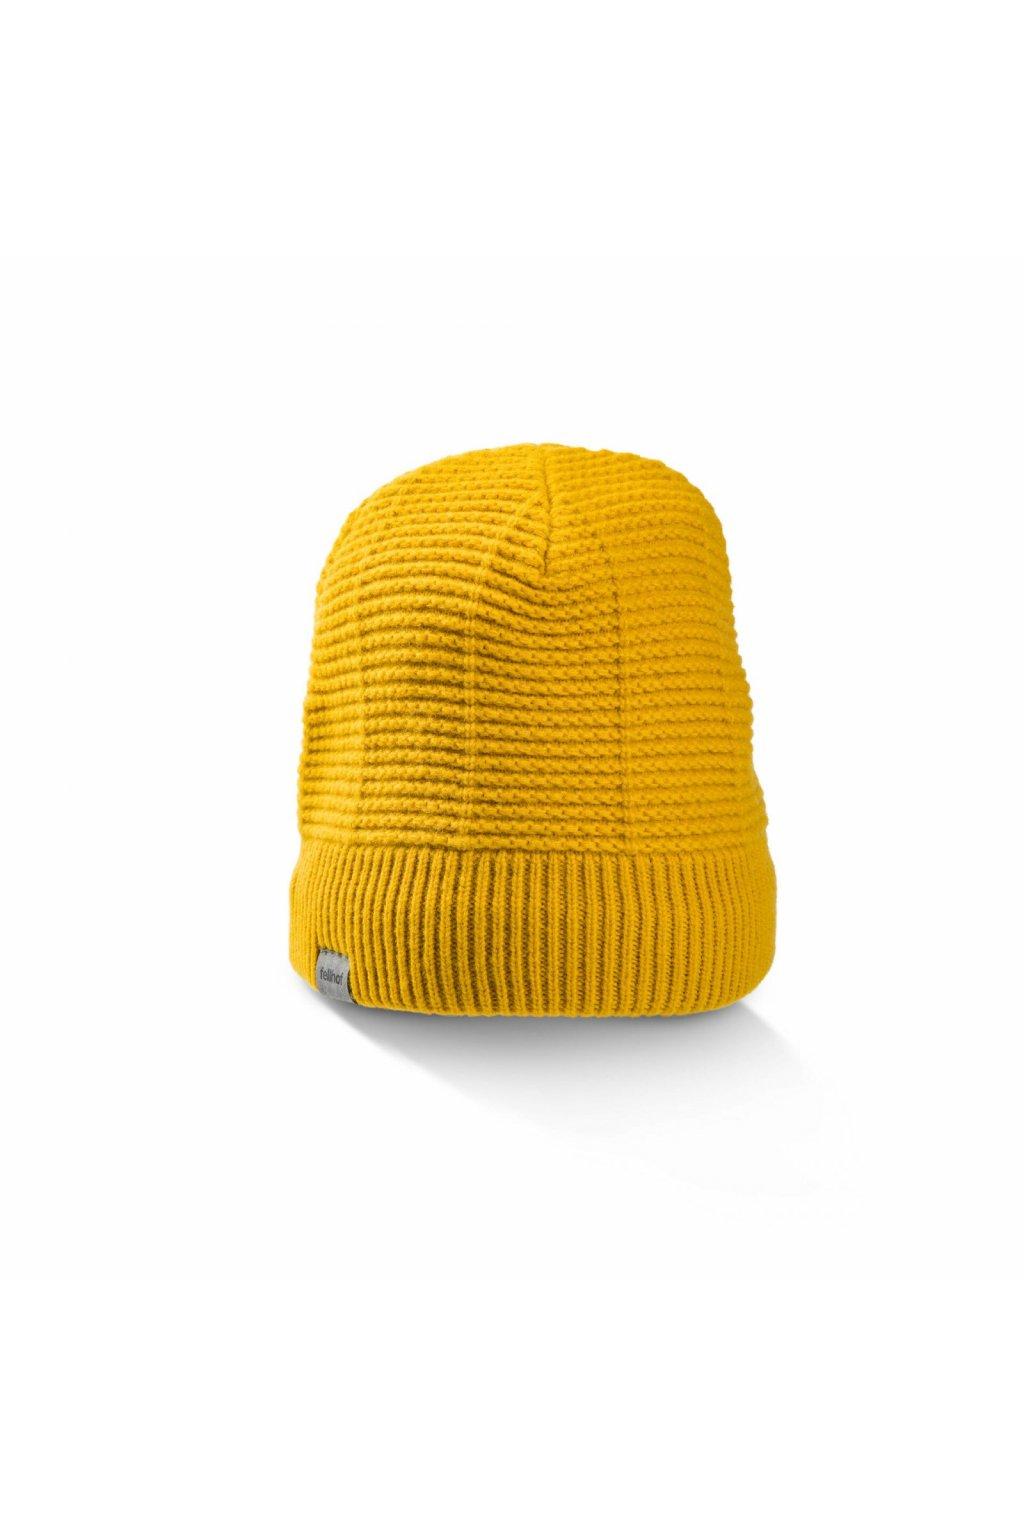 merino muetze gelb st5m3y90zuprim0 1